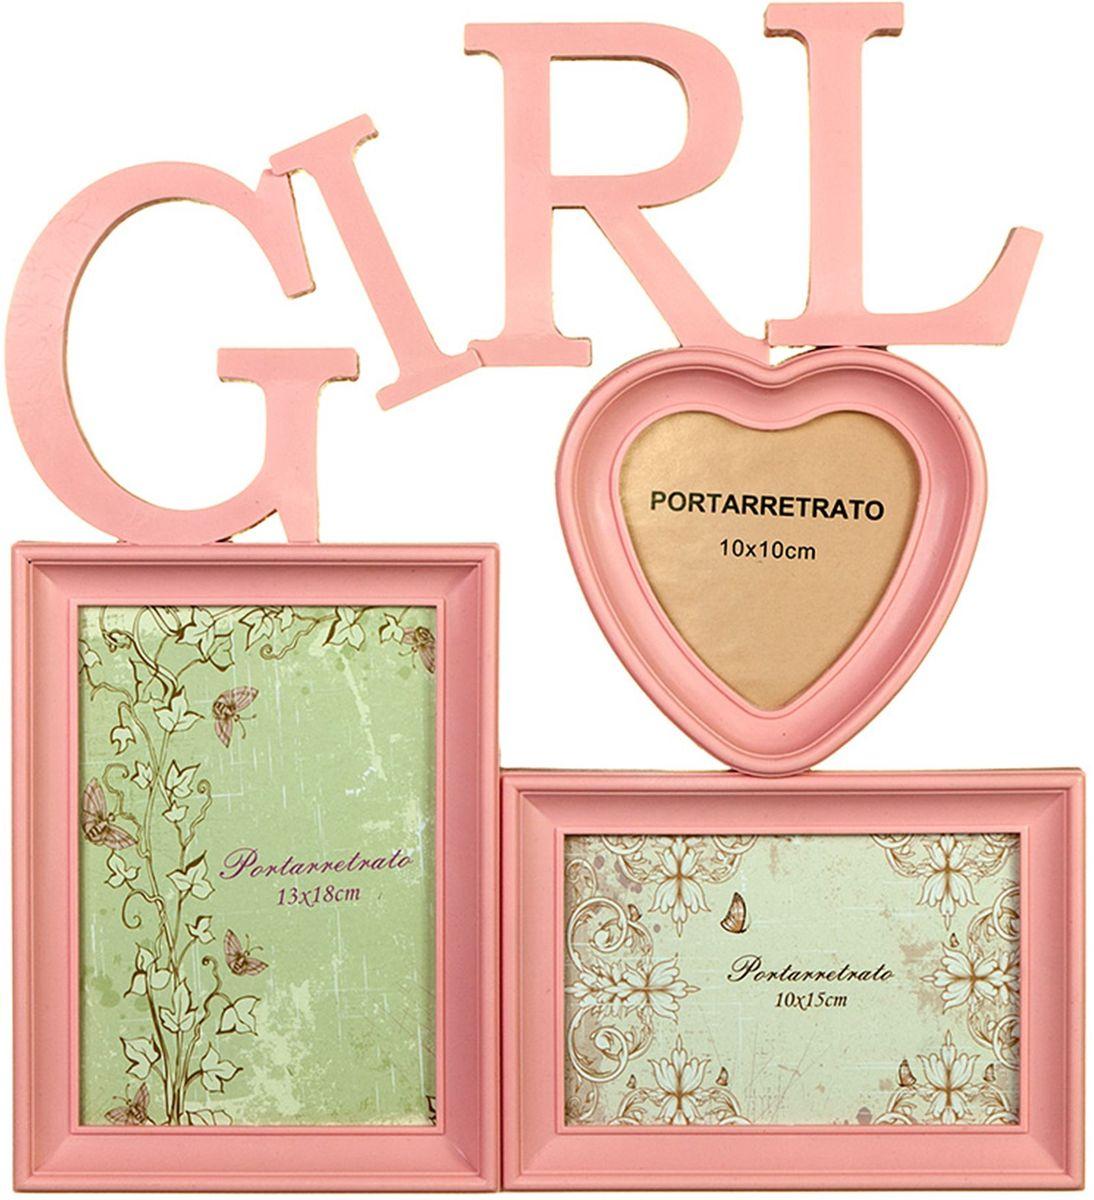 Коллаж Platinum Girl, цвет: розовый, 3 фоторамки. BIN-1122915BIN-1122915-Pink-РозовыйПластиковый коллаж с 1 фото 13х18, 1 фото 10х15 см, 1 фото 10х10 см.